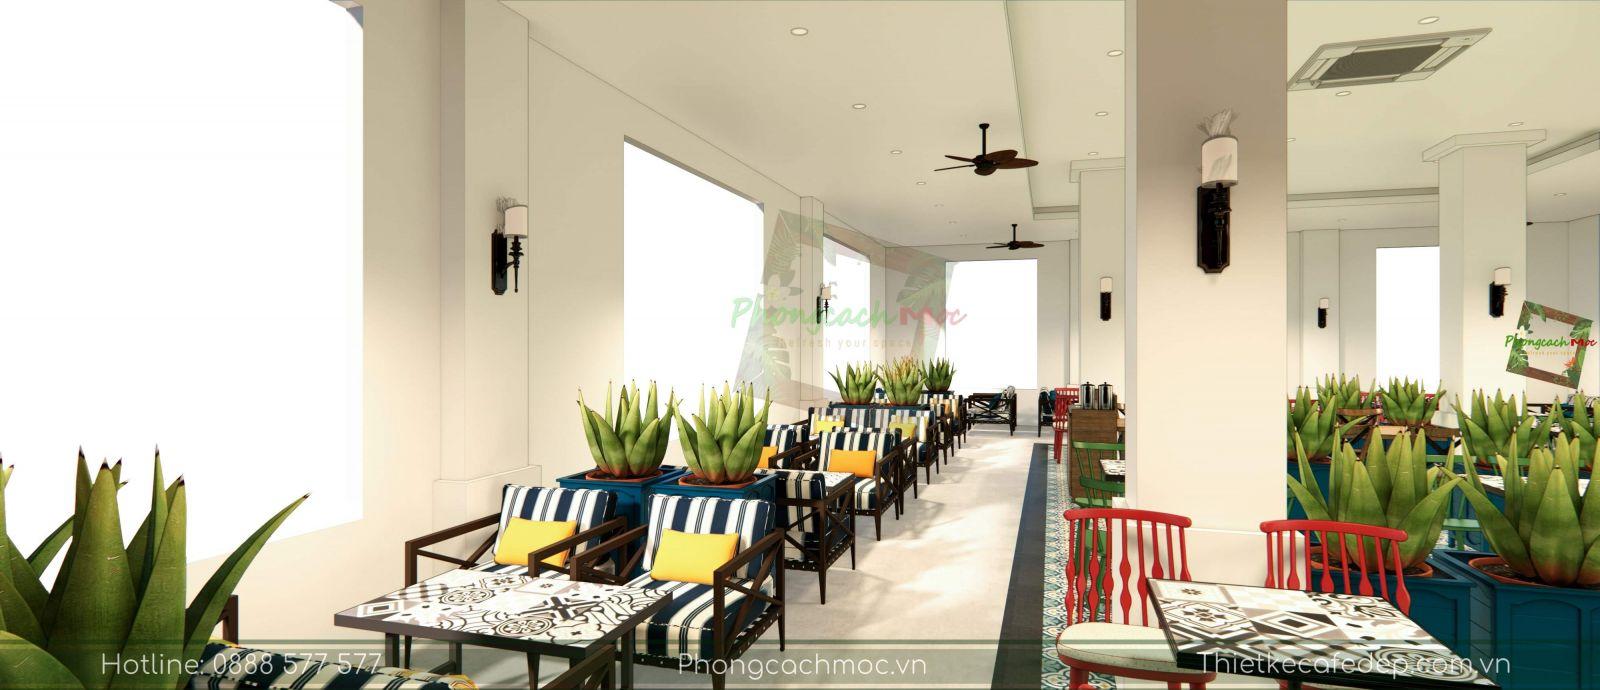 thiết kế quán cafe victoria coffee không gian phòng lạnh - 8